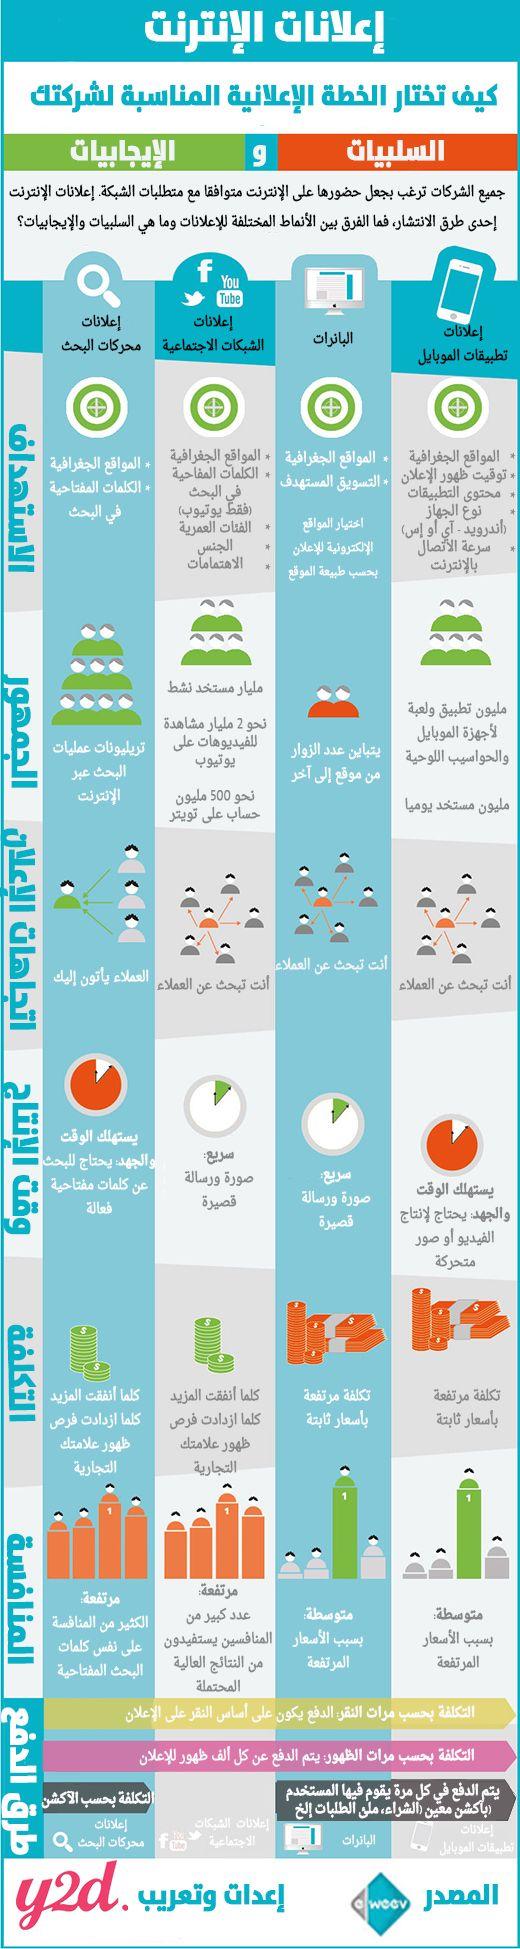 إنفوجرافيك الدليل الإرشادي إلى الإعلانات عبر الإنترنت Ads Digital Marketing Social Media Business Notes Infographic